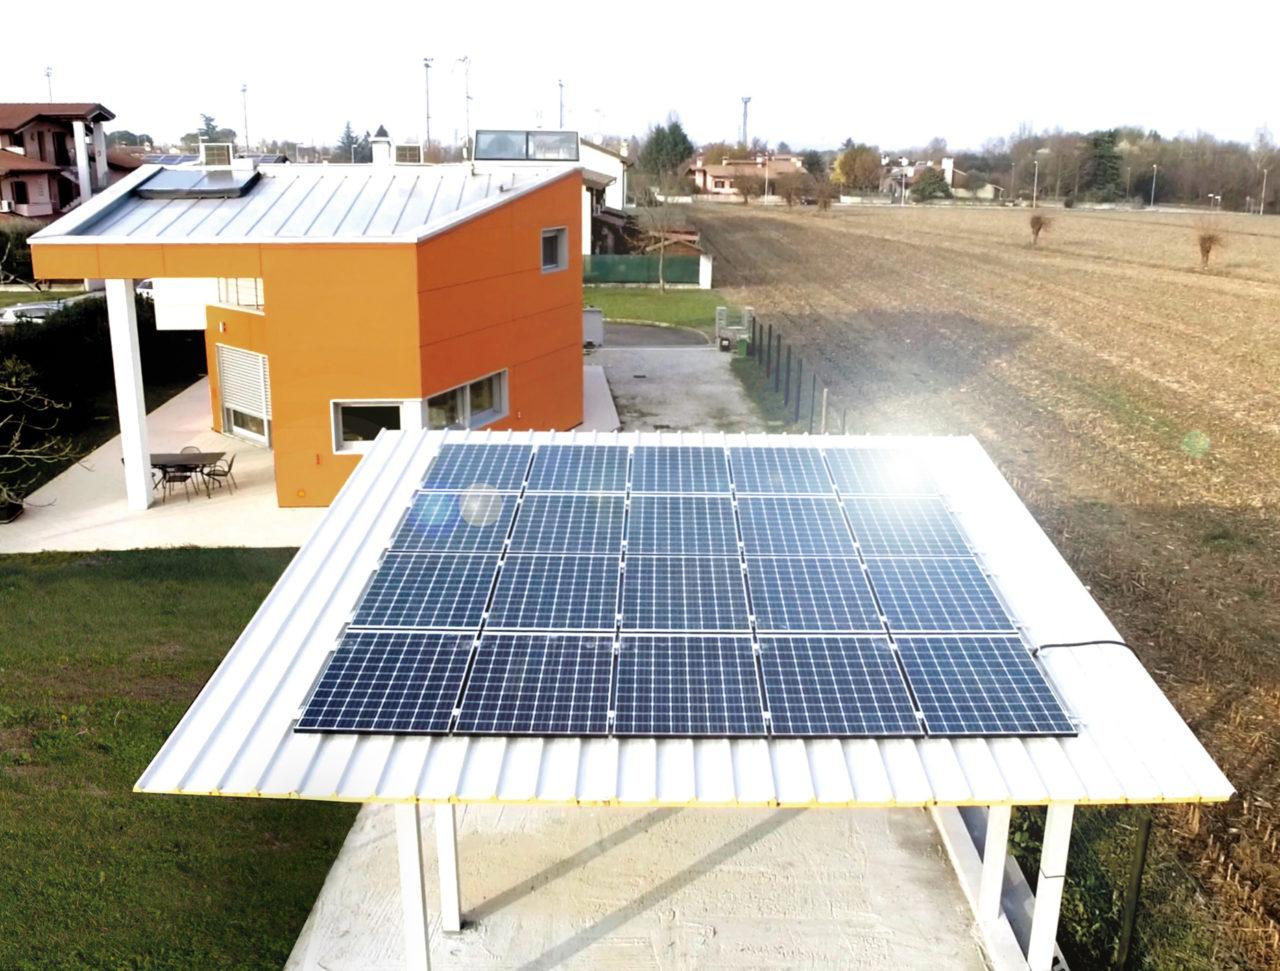 FreeSolar ha installato REACT2 in un'abitazione di Udine. Il proprietario desiderava una tecnologia all'avanguardia che gli permettesse di autoprodurre l'energia domestica con l'uso di risorse rinnovabili